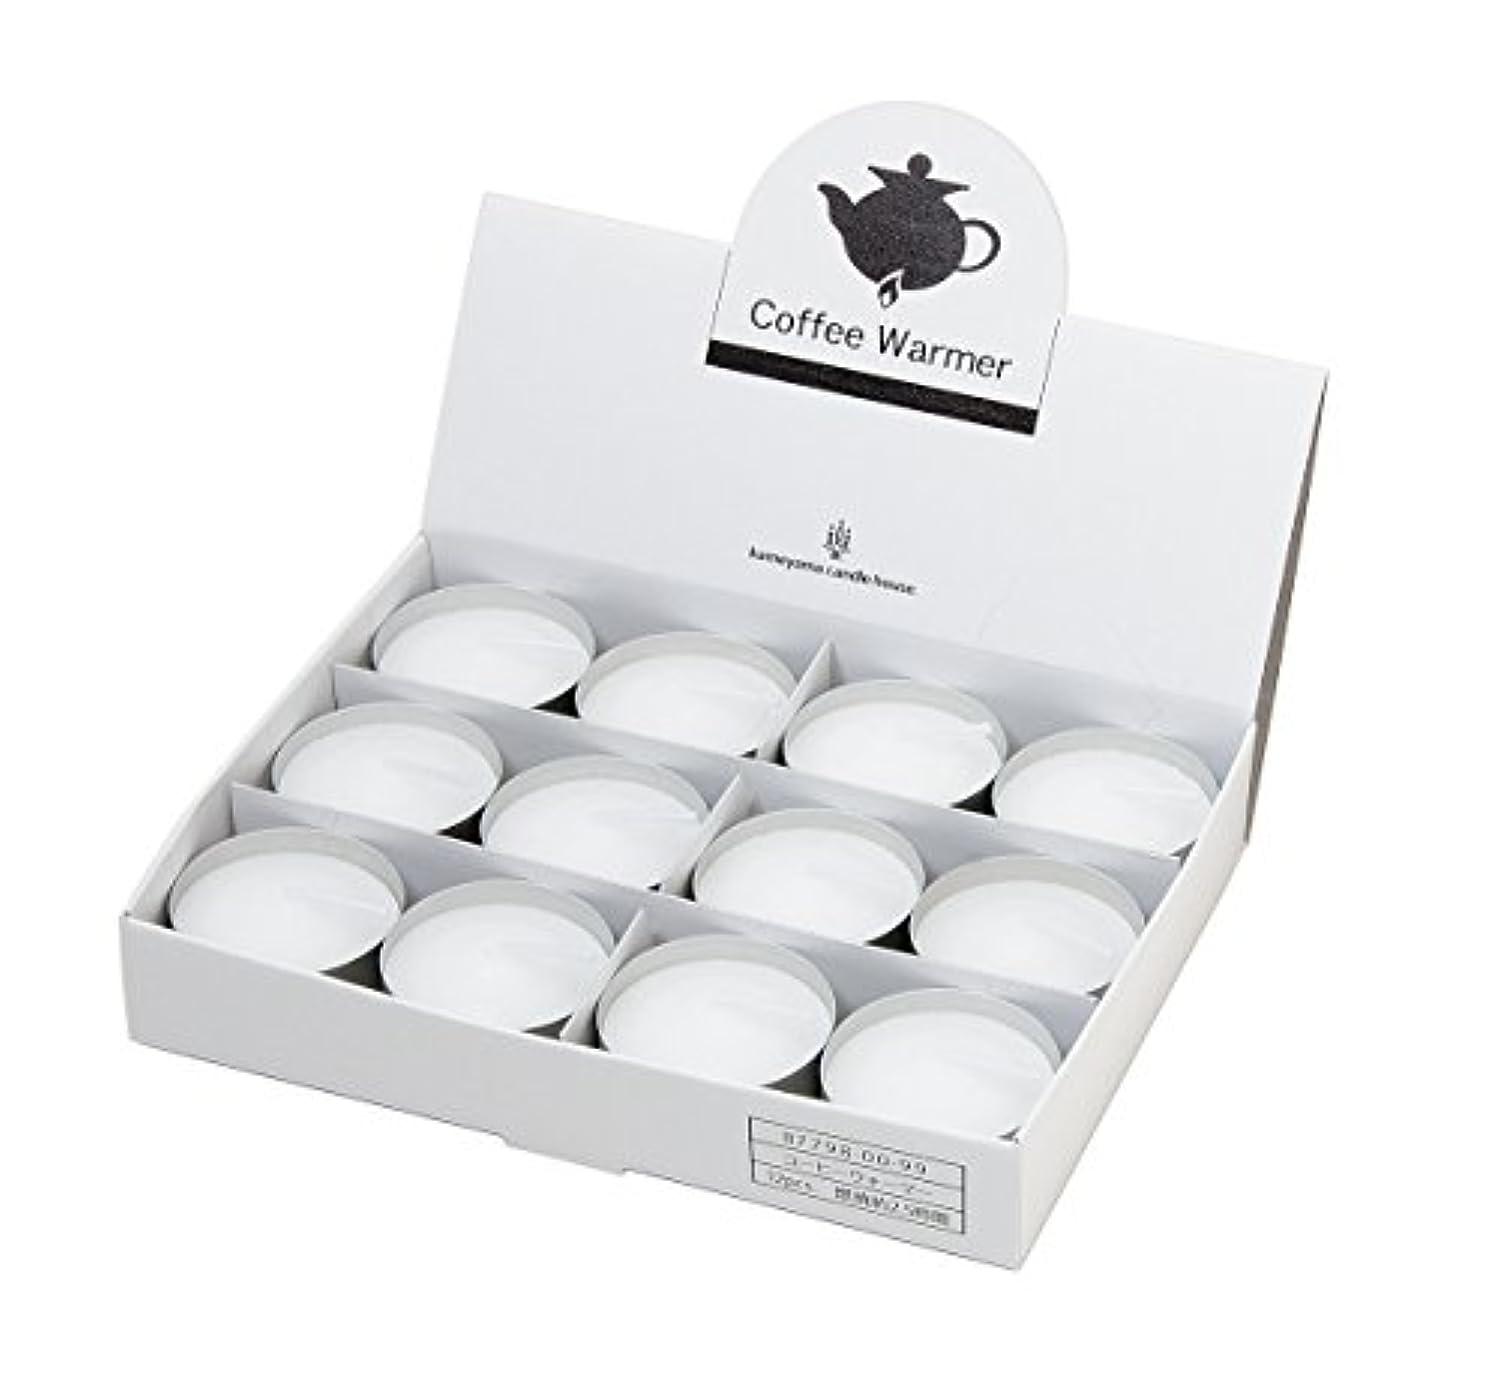 結核朝食を食べる宝石カメヤマキャンドルハウス チョコレートフォンデュなどにもおすすめ 大きめ炎で保温できる コーヒーウォーマーキャンドル(1箱12個入) 燃焼時間約2時間30分